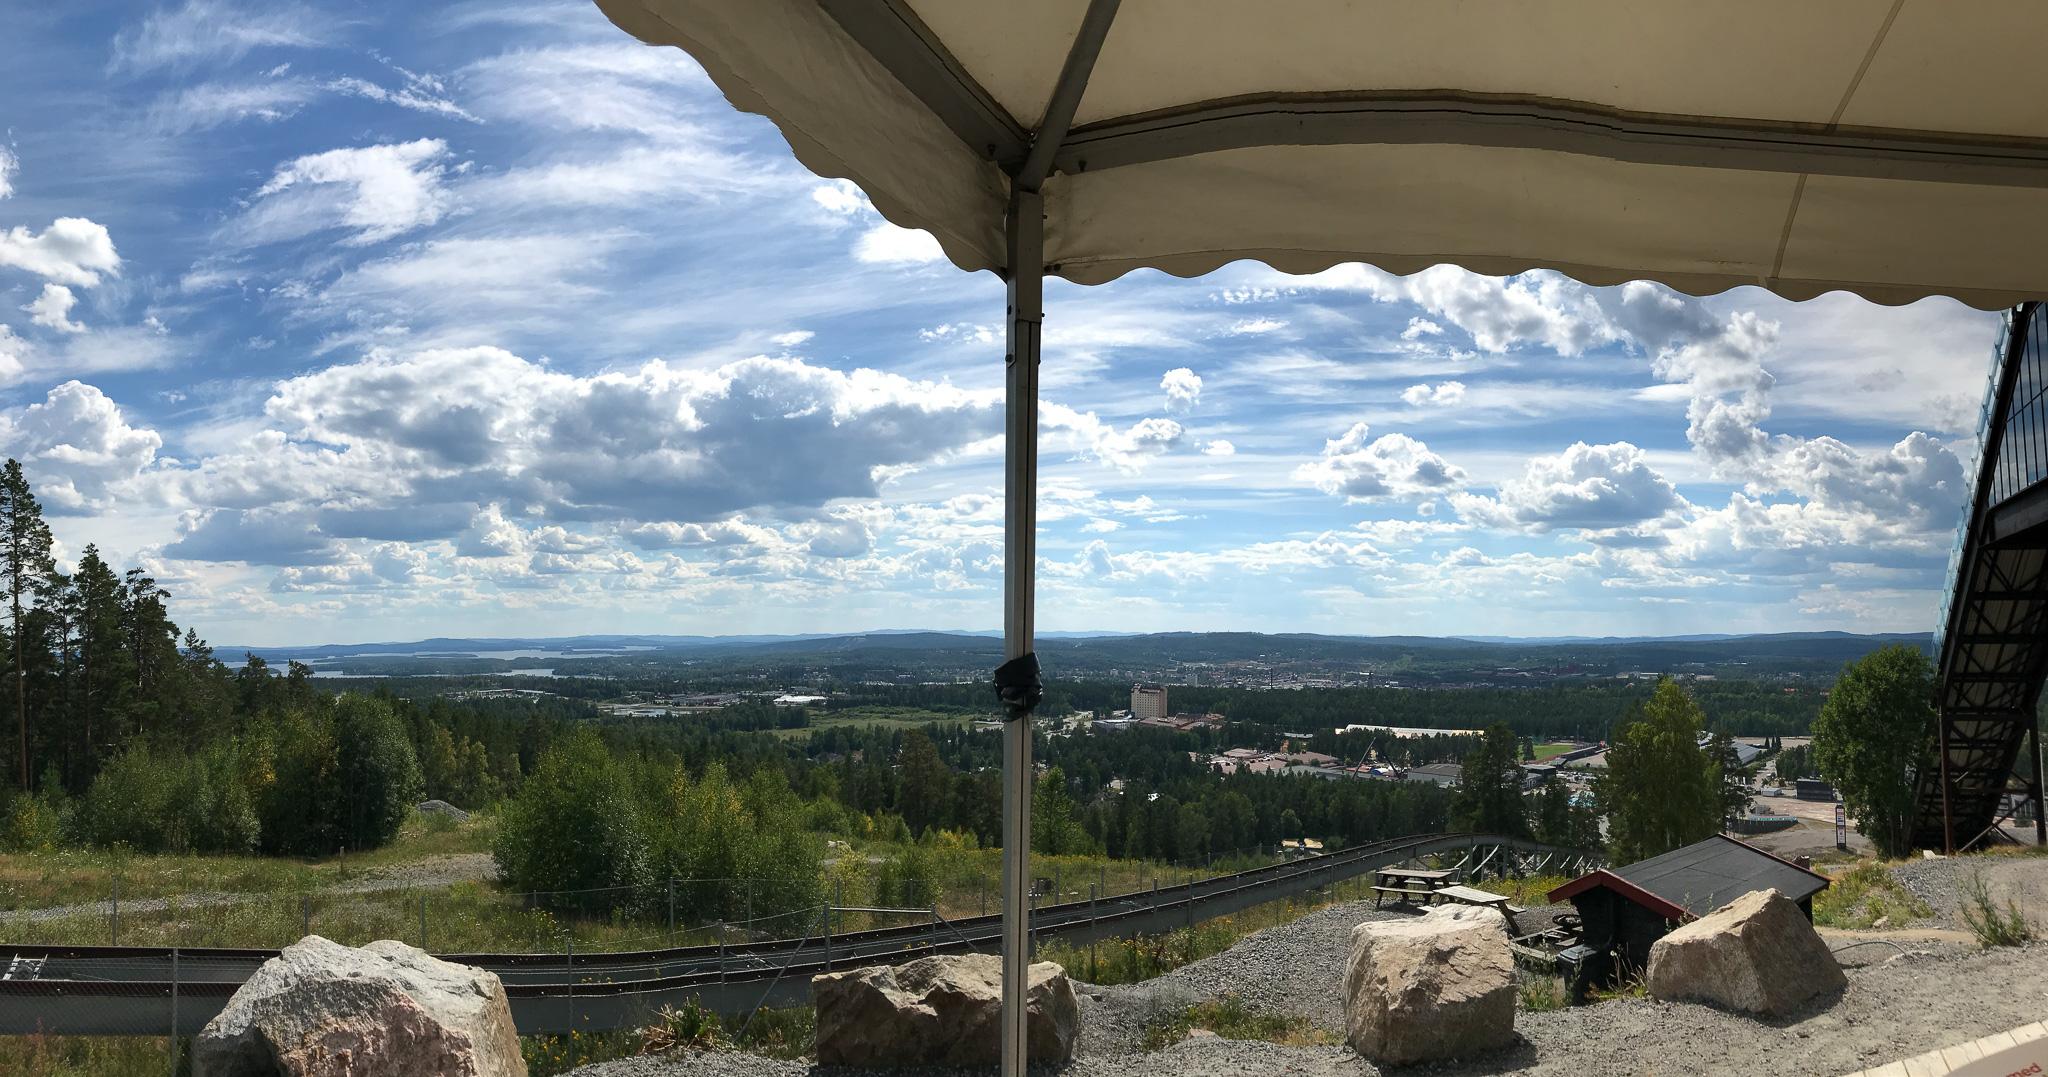 Udsigten over Falun. Koncert til højre, bjergbane til venstre, sol foroven